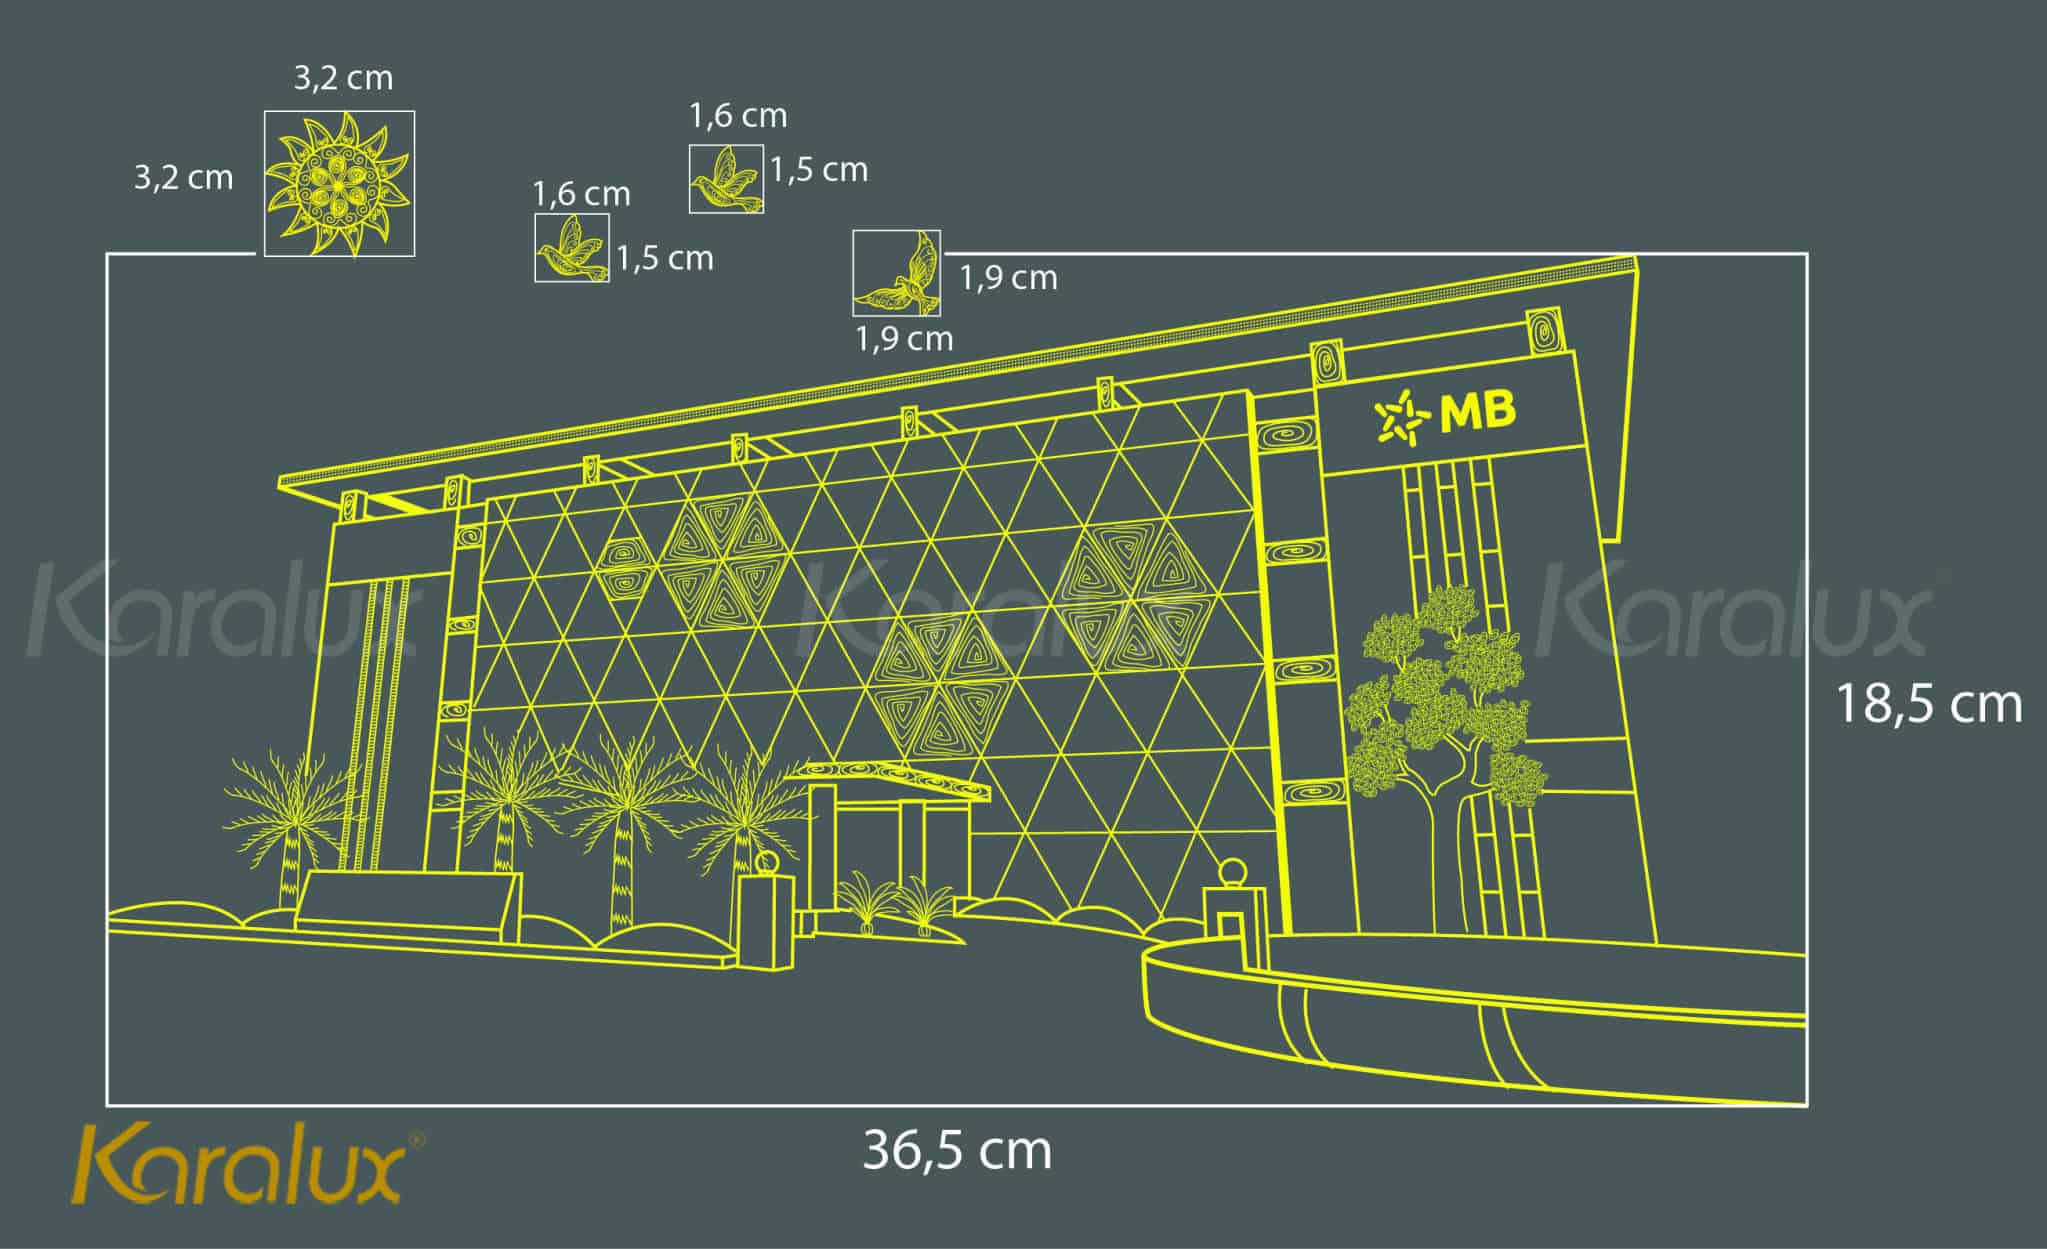 Bản thiết kế demo tranh tòa nhà MBBank mạ vàng